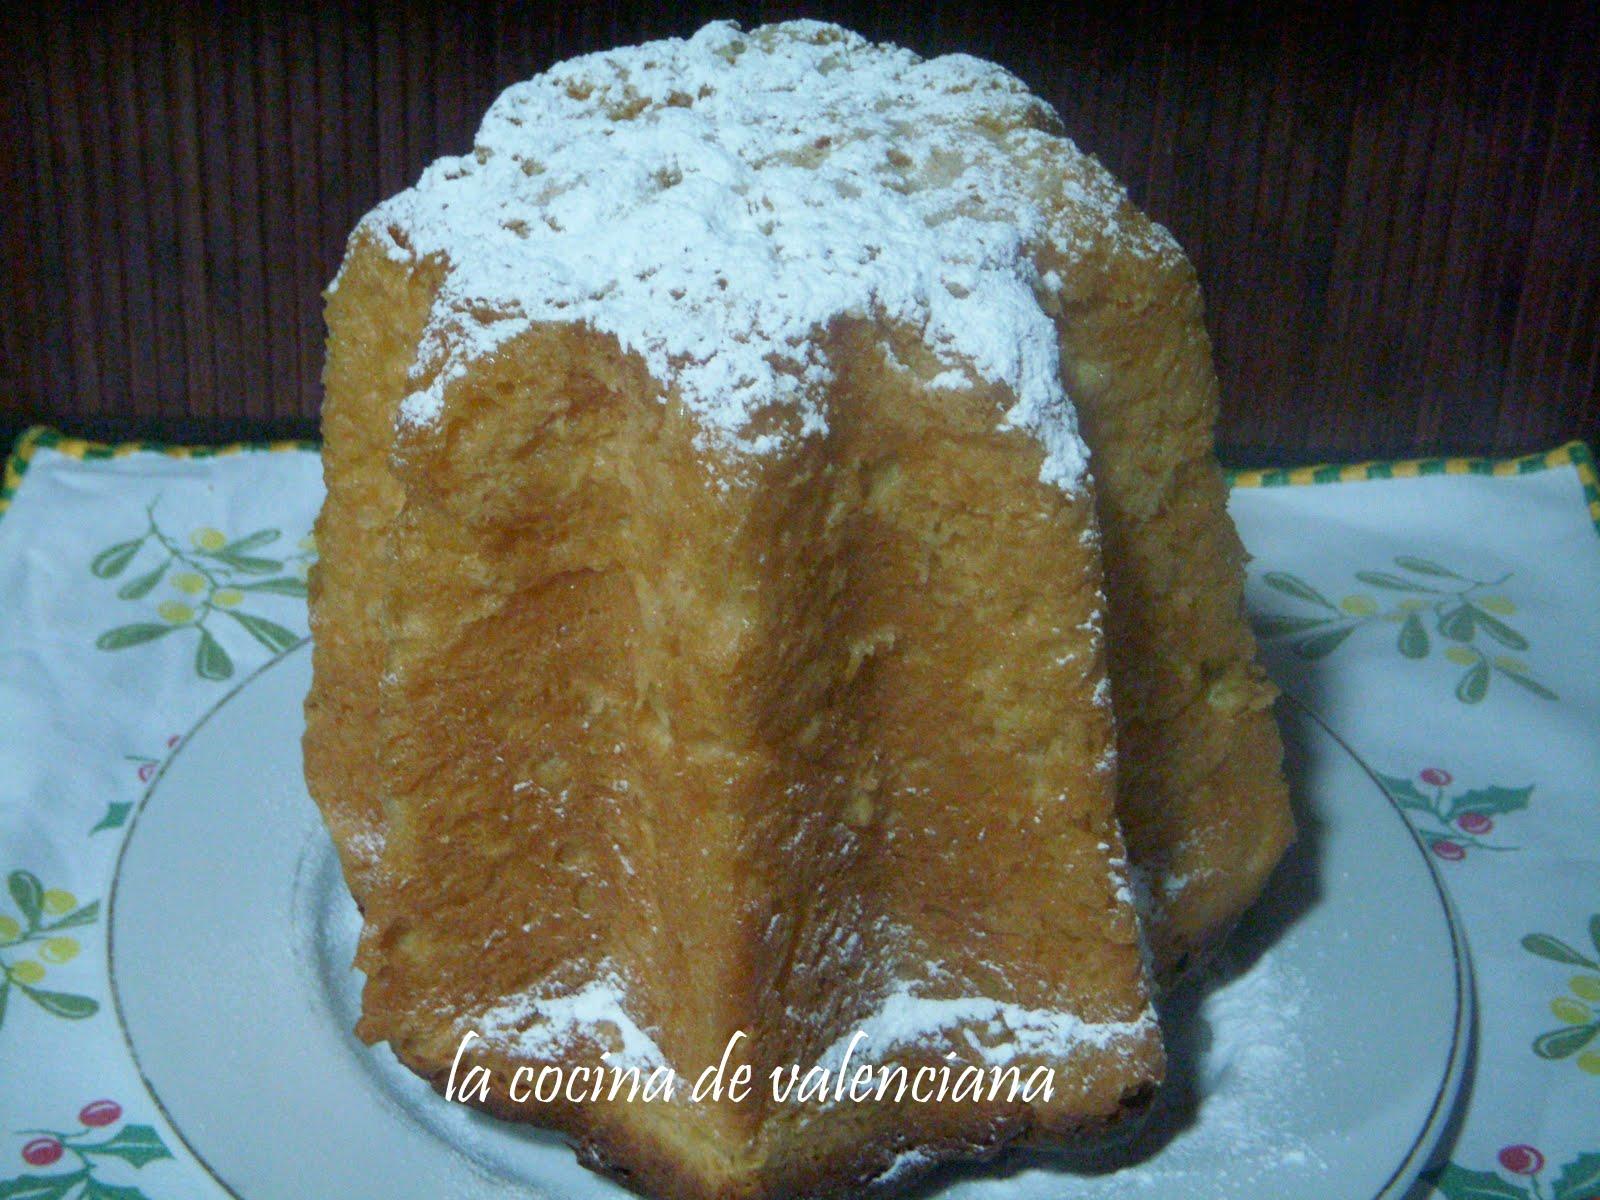 La cocina de valenciana pandoro for Cocina valenciana